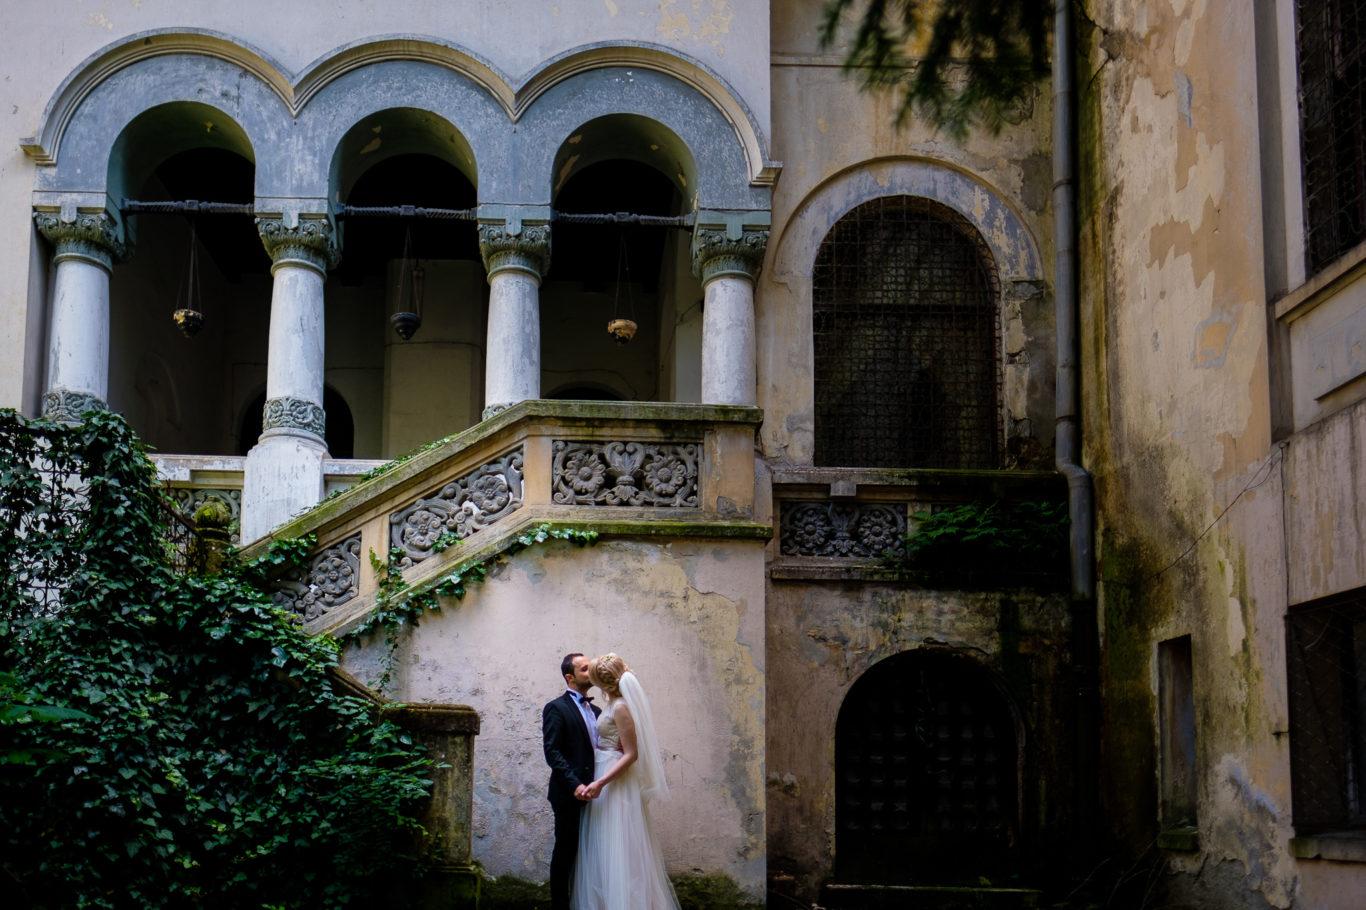 0460-Fotografie-nunta-Mirela-Iulian-fotograf-Ciprian-Dumitrescu-DSCF0717